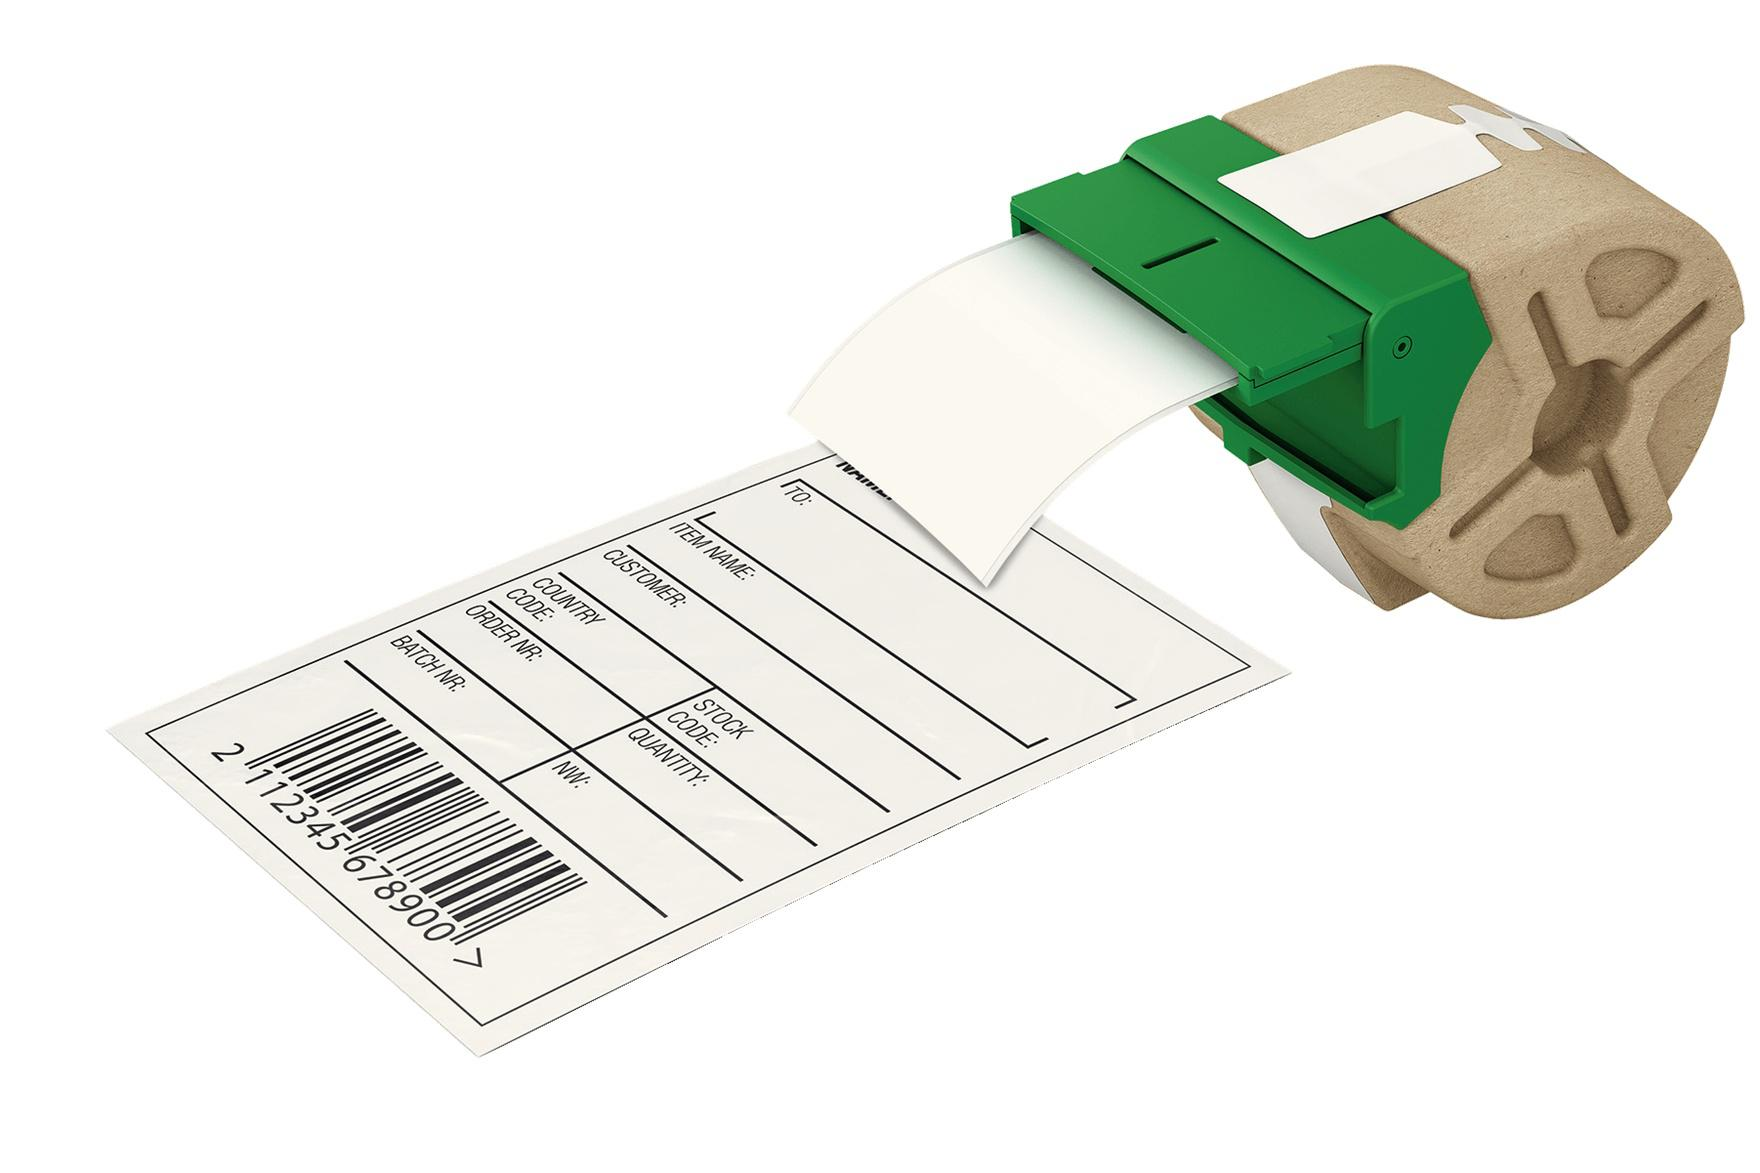 LEITZ Icon Intelligent Etikettkassett (papper) 61 mm x 22m